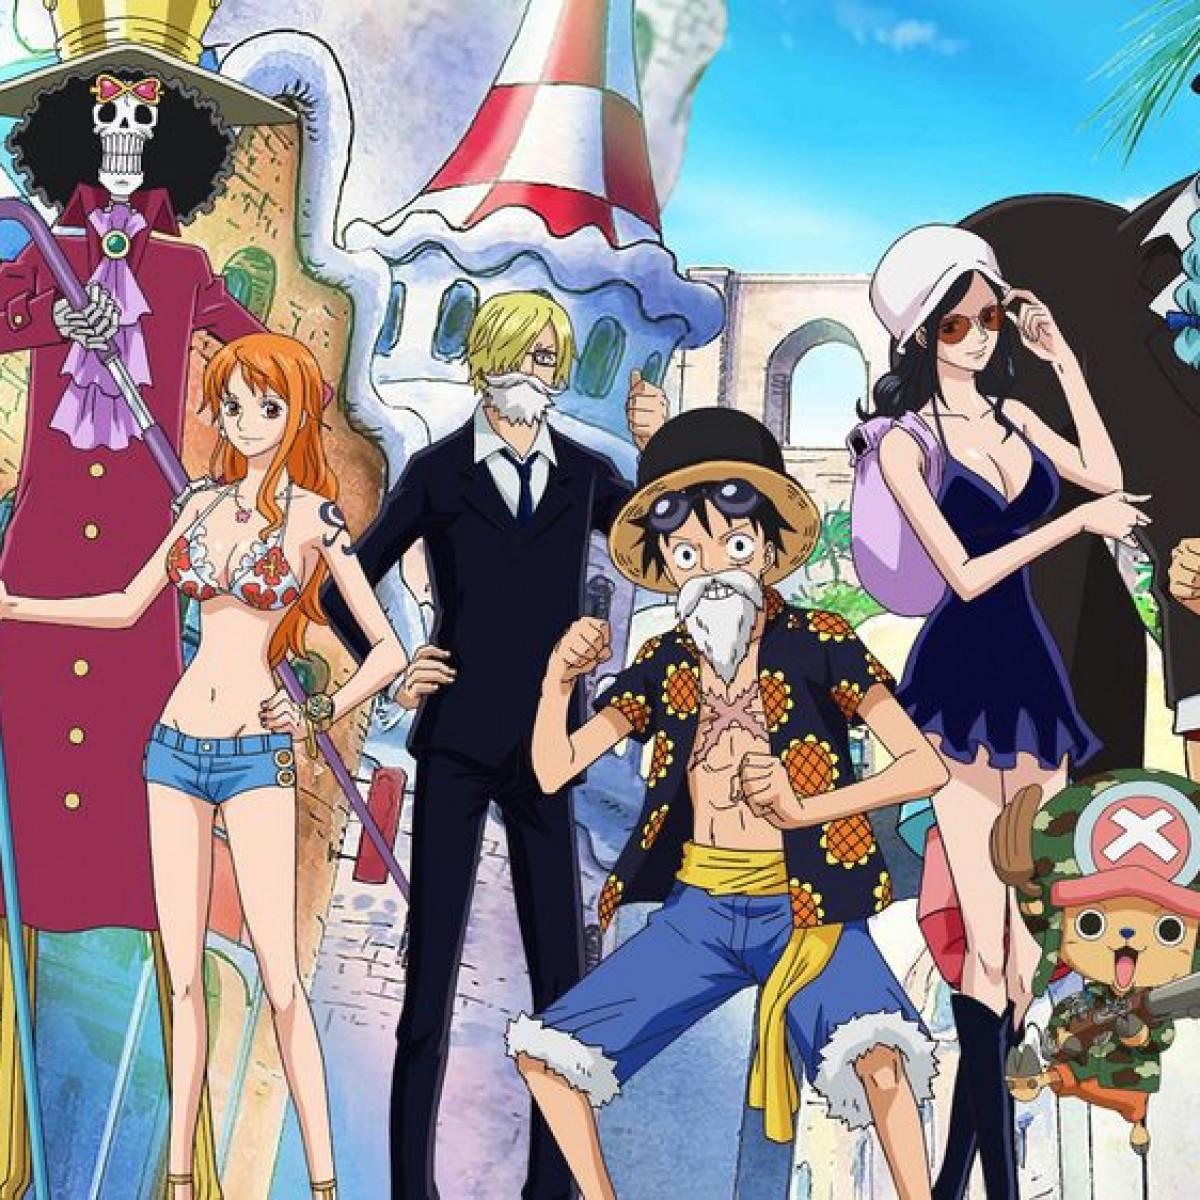 One Piece Prosieben Maxx Legt Pause Ein Kundigt Specials An Dress Rosa Arc Wird Im Oktober Fortgesetzt Tv Wunschliste